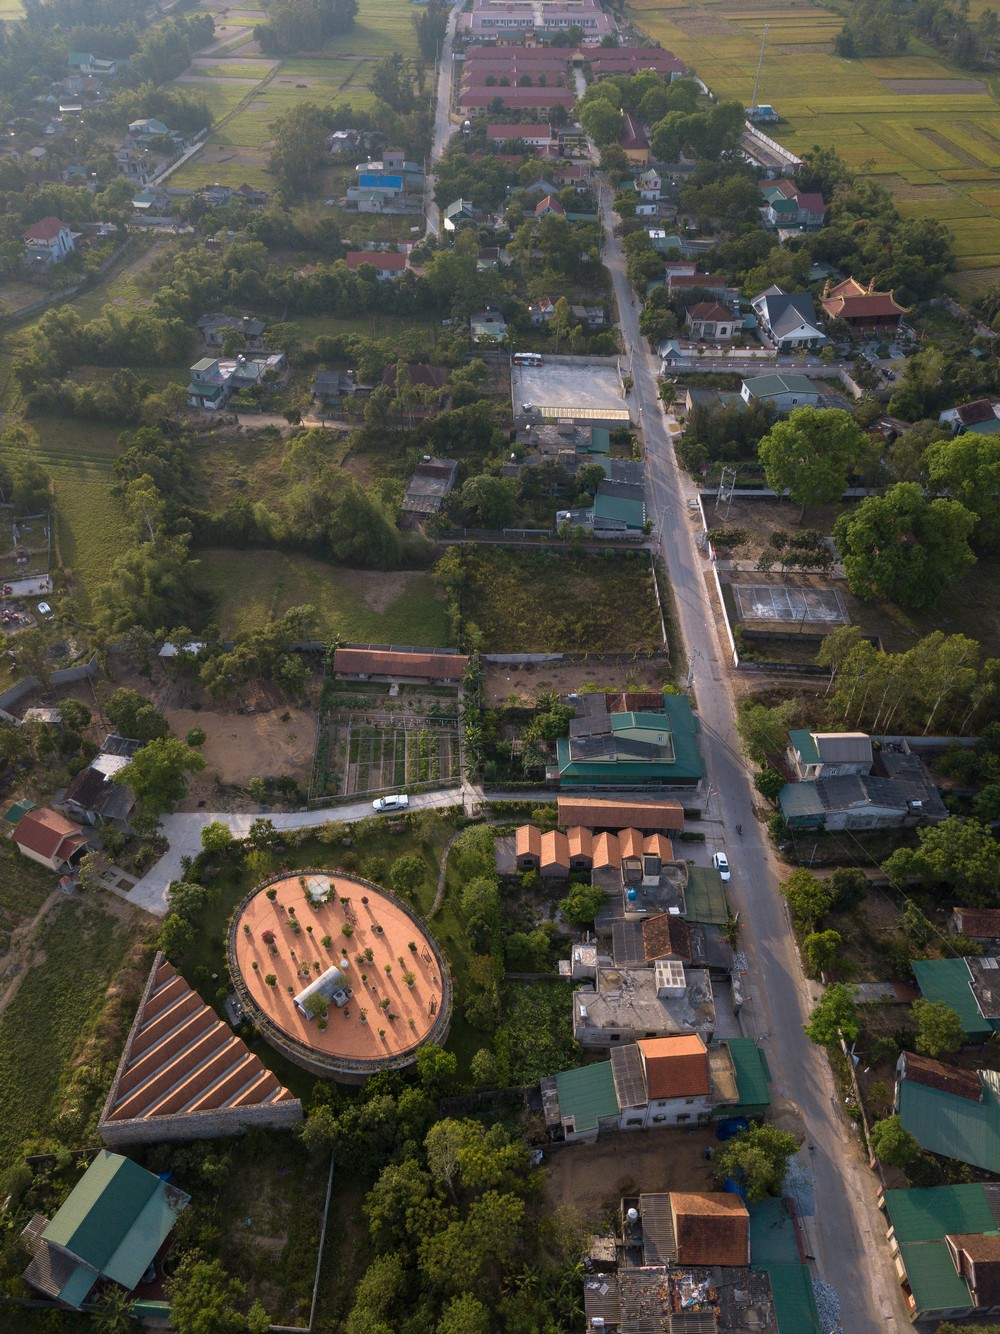 Дом с парком на крыше во Вьетнаме